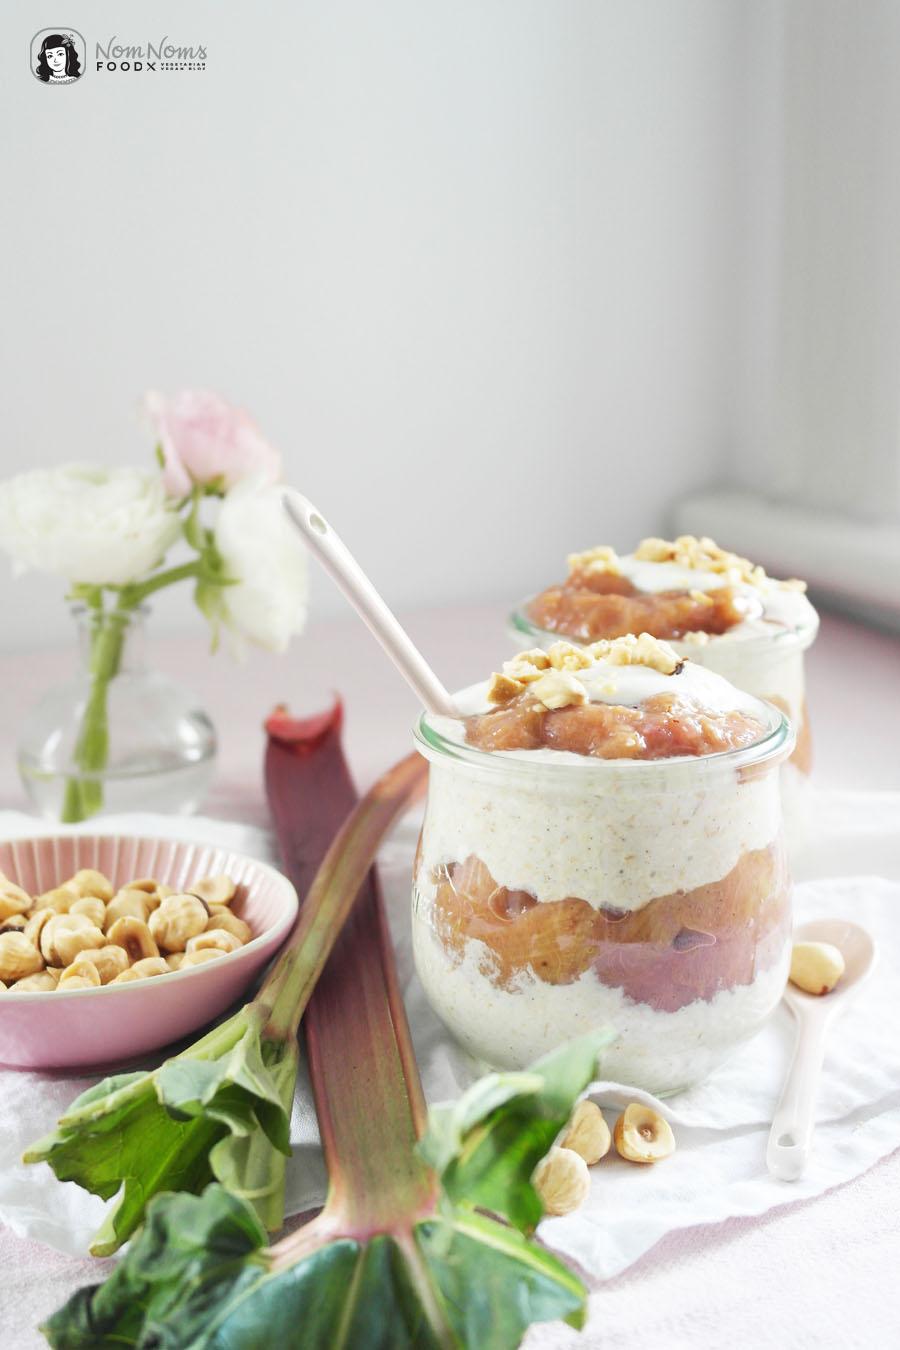 Vanille-Rhabarber-Overnight-Oats mit Haselnüssen